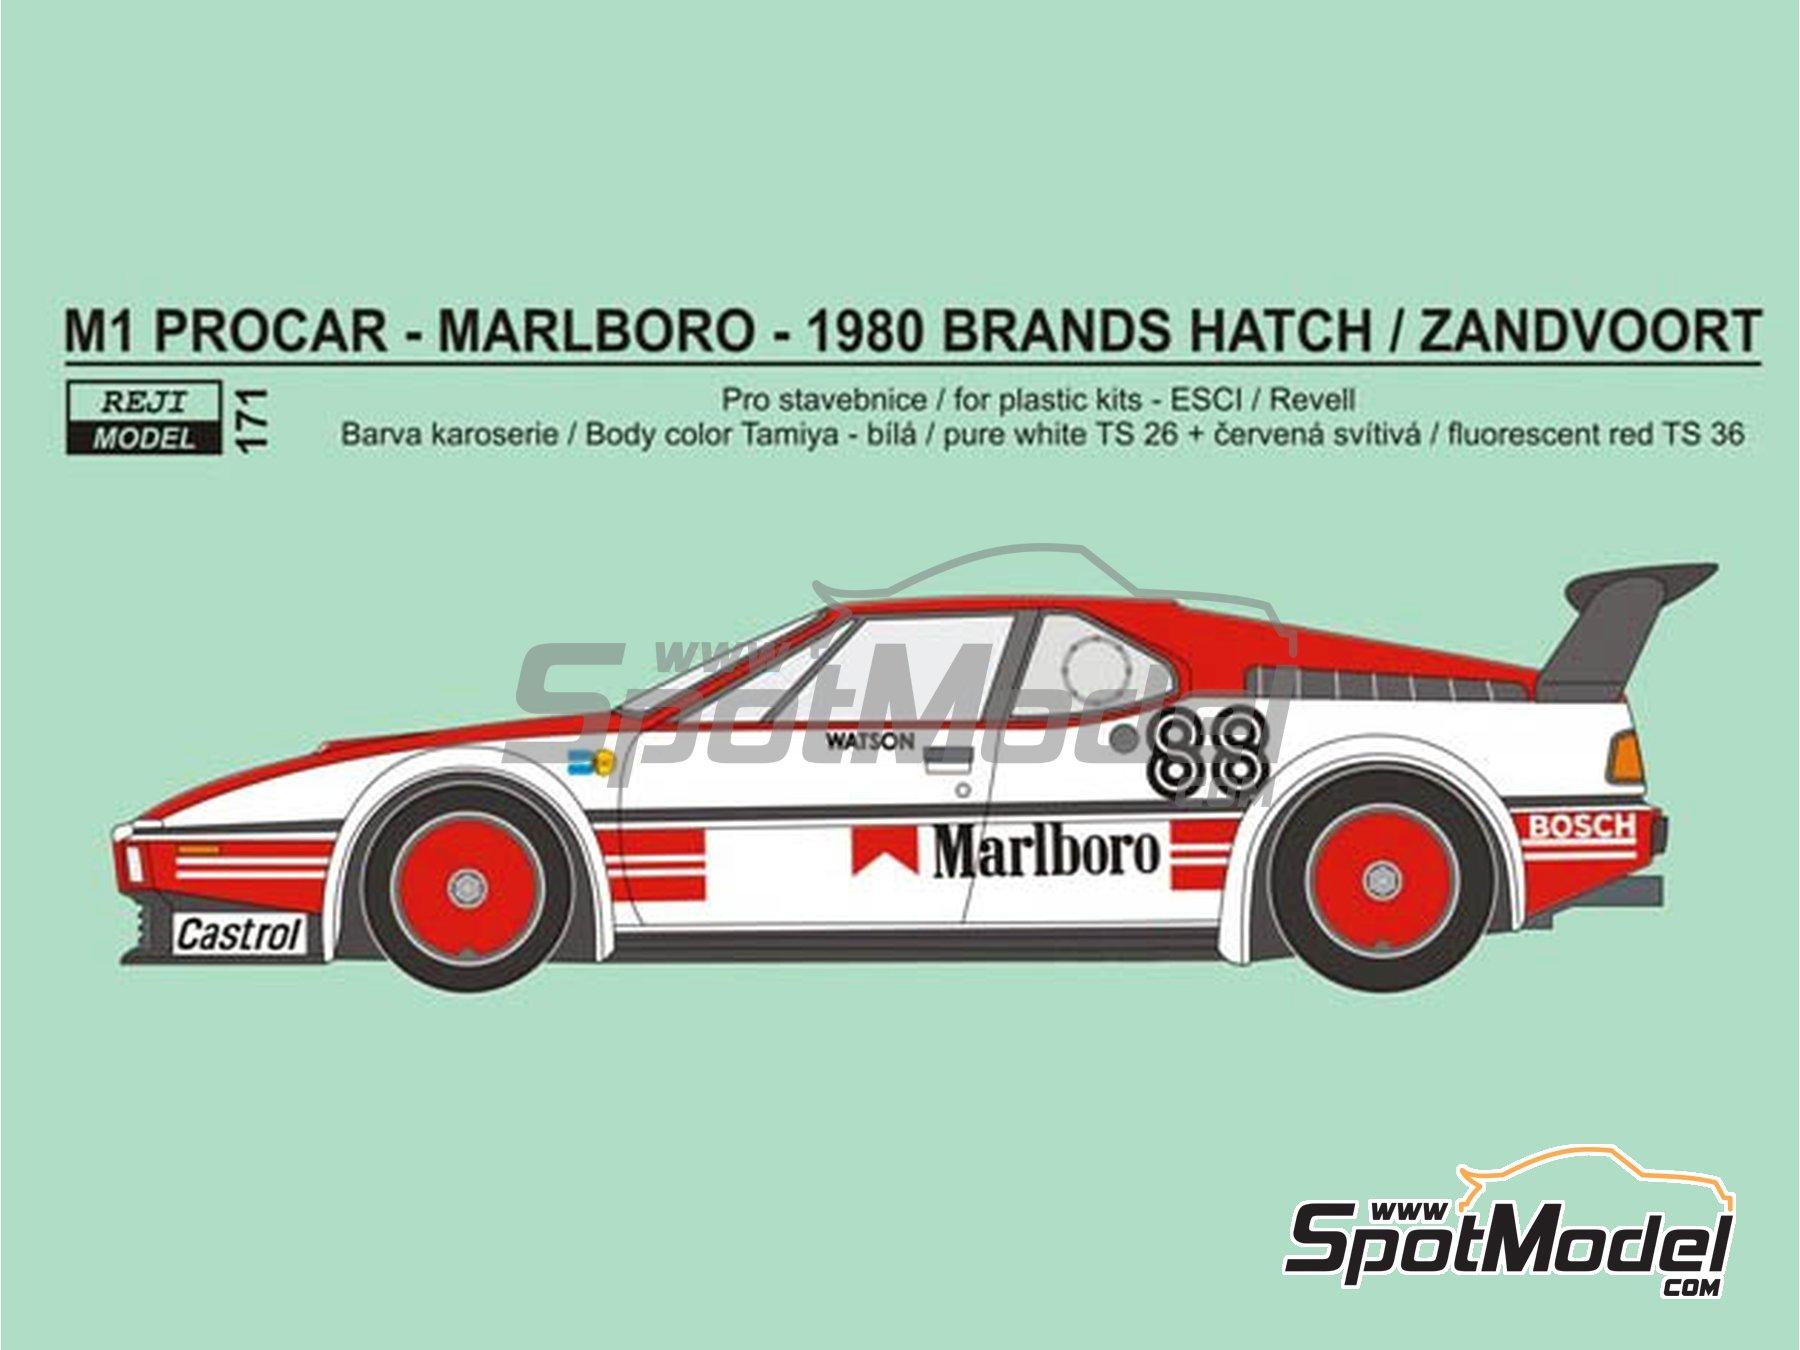 Image 2: BMW M1 Grupo A Marlboro Procar - 1000 kilómetros de Brands Hatch, Gran Premio de Formula 1 de Mónaco 1980 | Decoración en escala1/24 fabricado por Reji Model (ref.REJI-171)